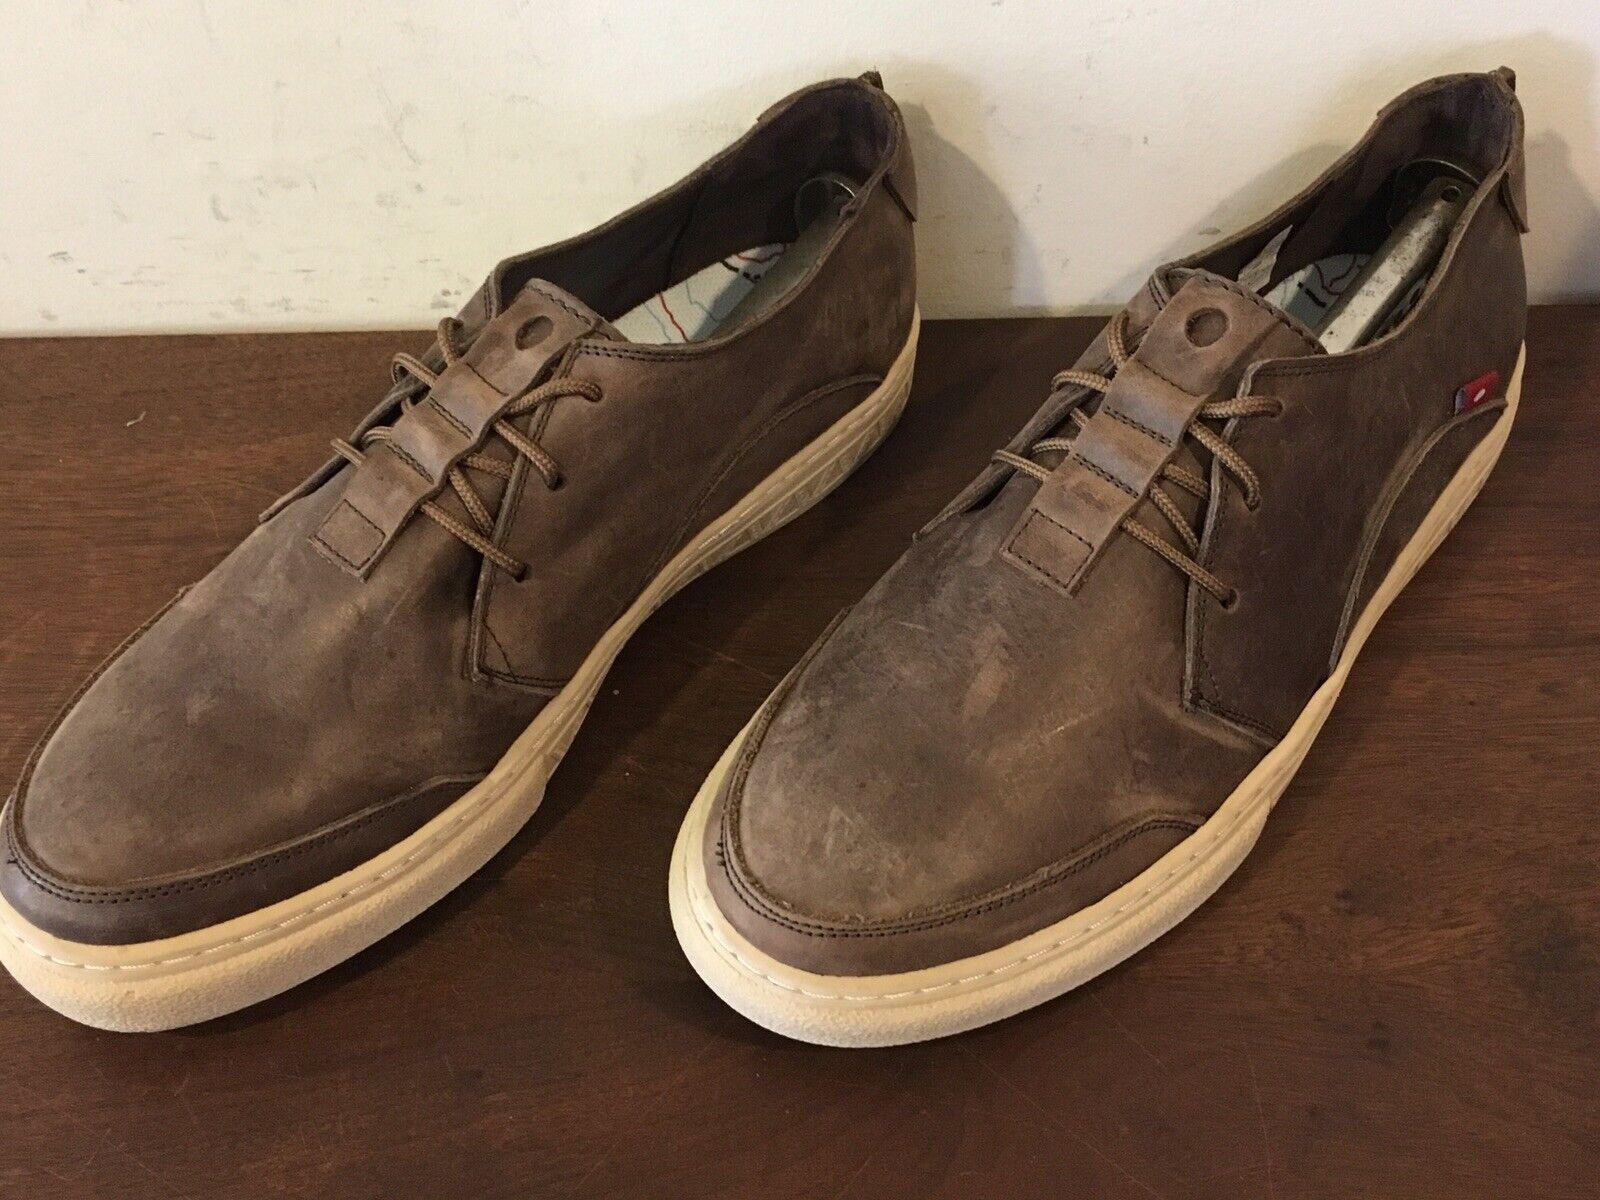 Oliberte Mens Marronee Distressed Leather sautope Sz. 11.5 M